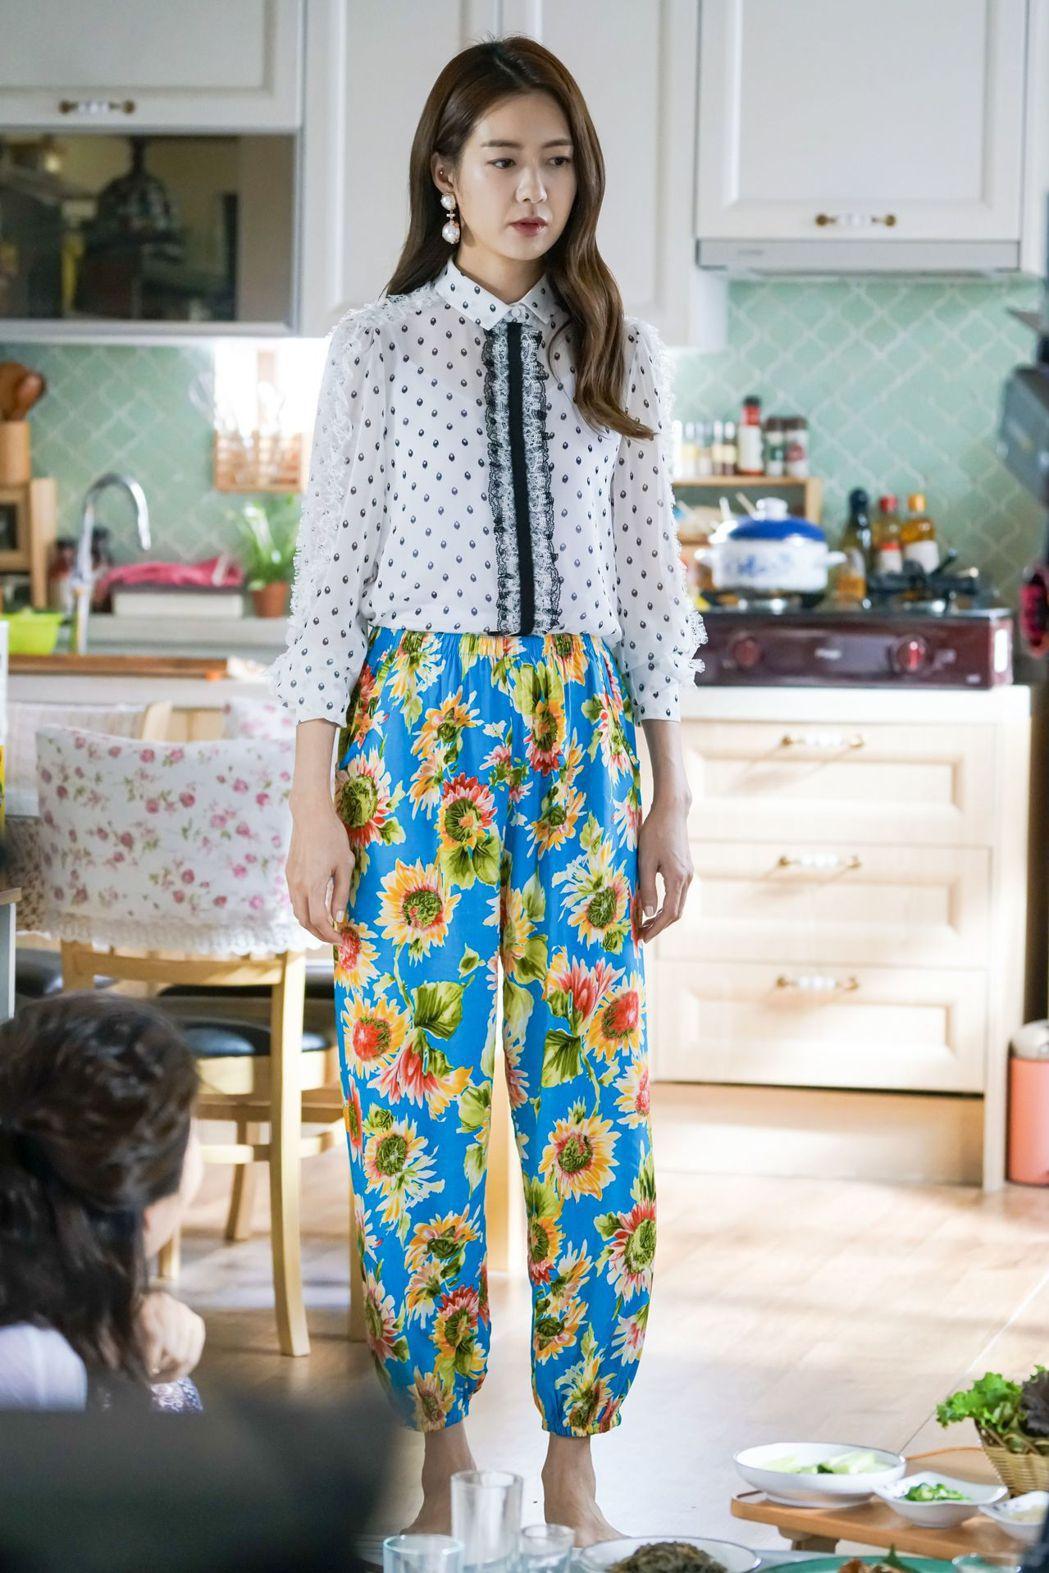 李瑤媛在戲中飾演貴婦,穿著大嬸褲模樣超可愛。圖/緯來戲劇台提供